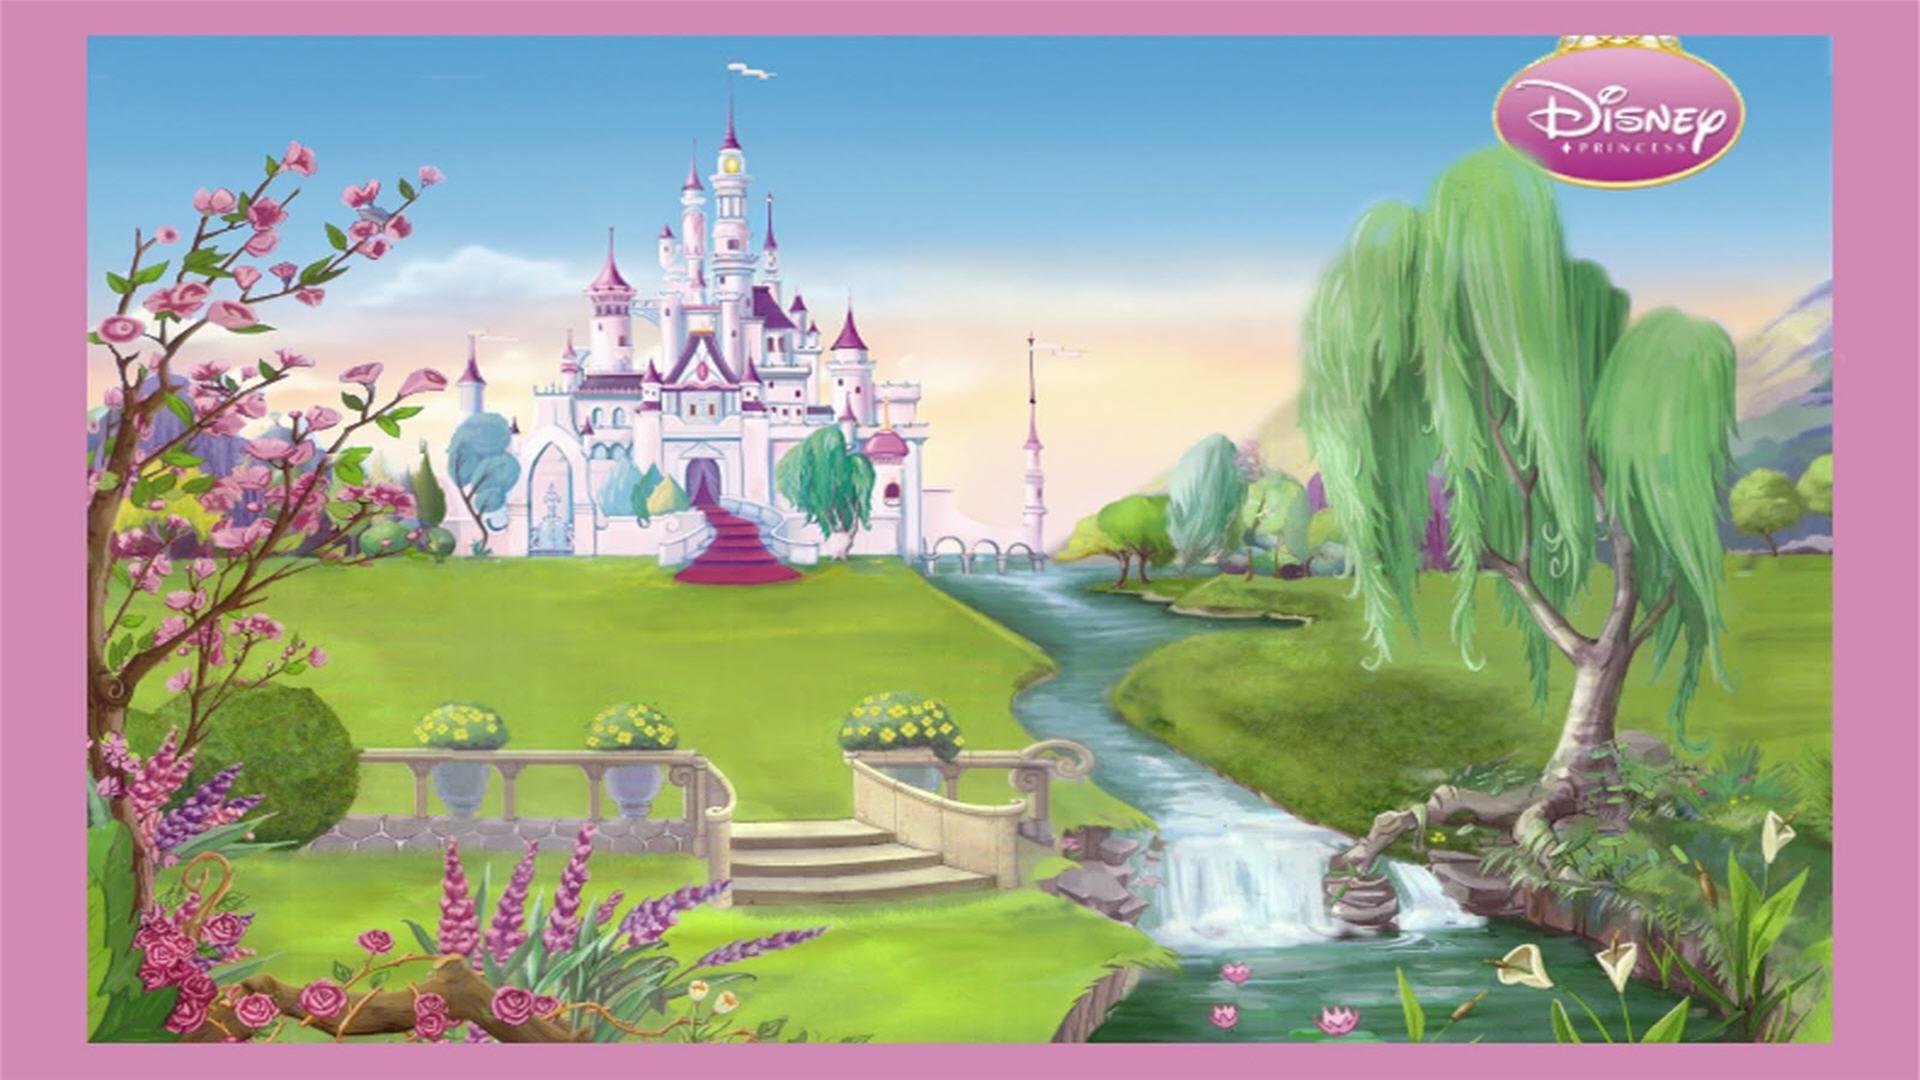 Castle Wallpaper Princess Architecture Castles Wallpapers Albums Disney Princess Castle Castle Background Disney Princess Background